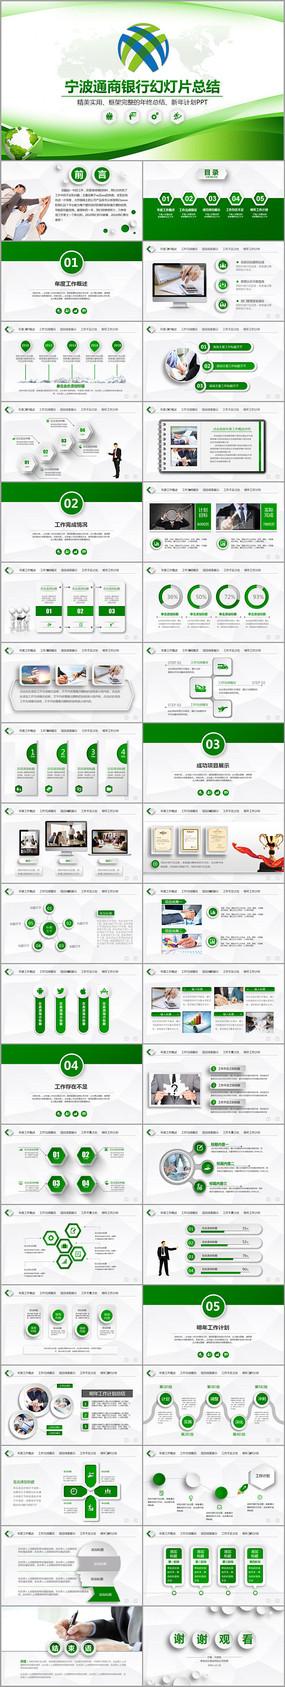 宁波通商银行绿色商务PPT